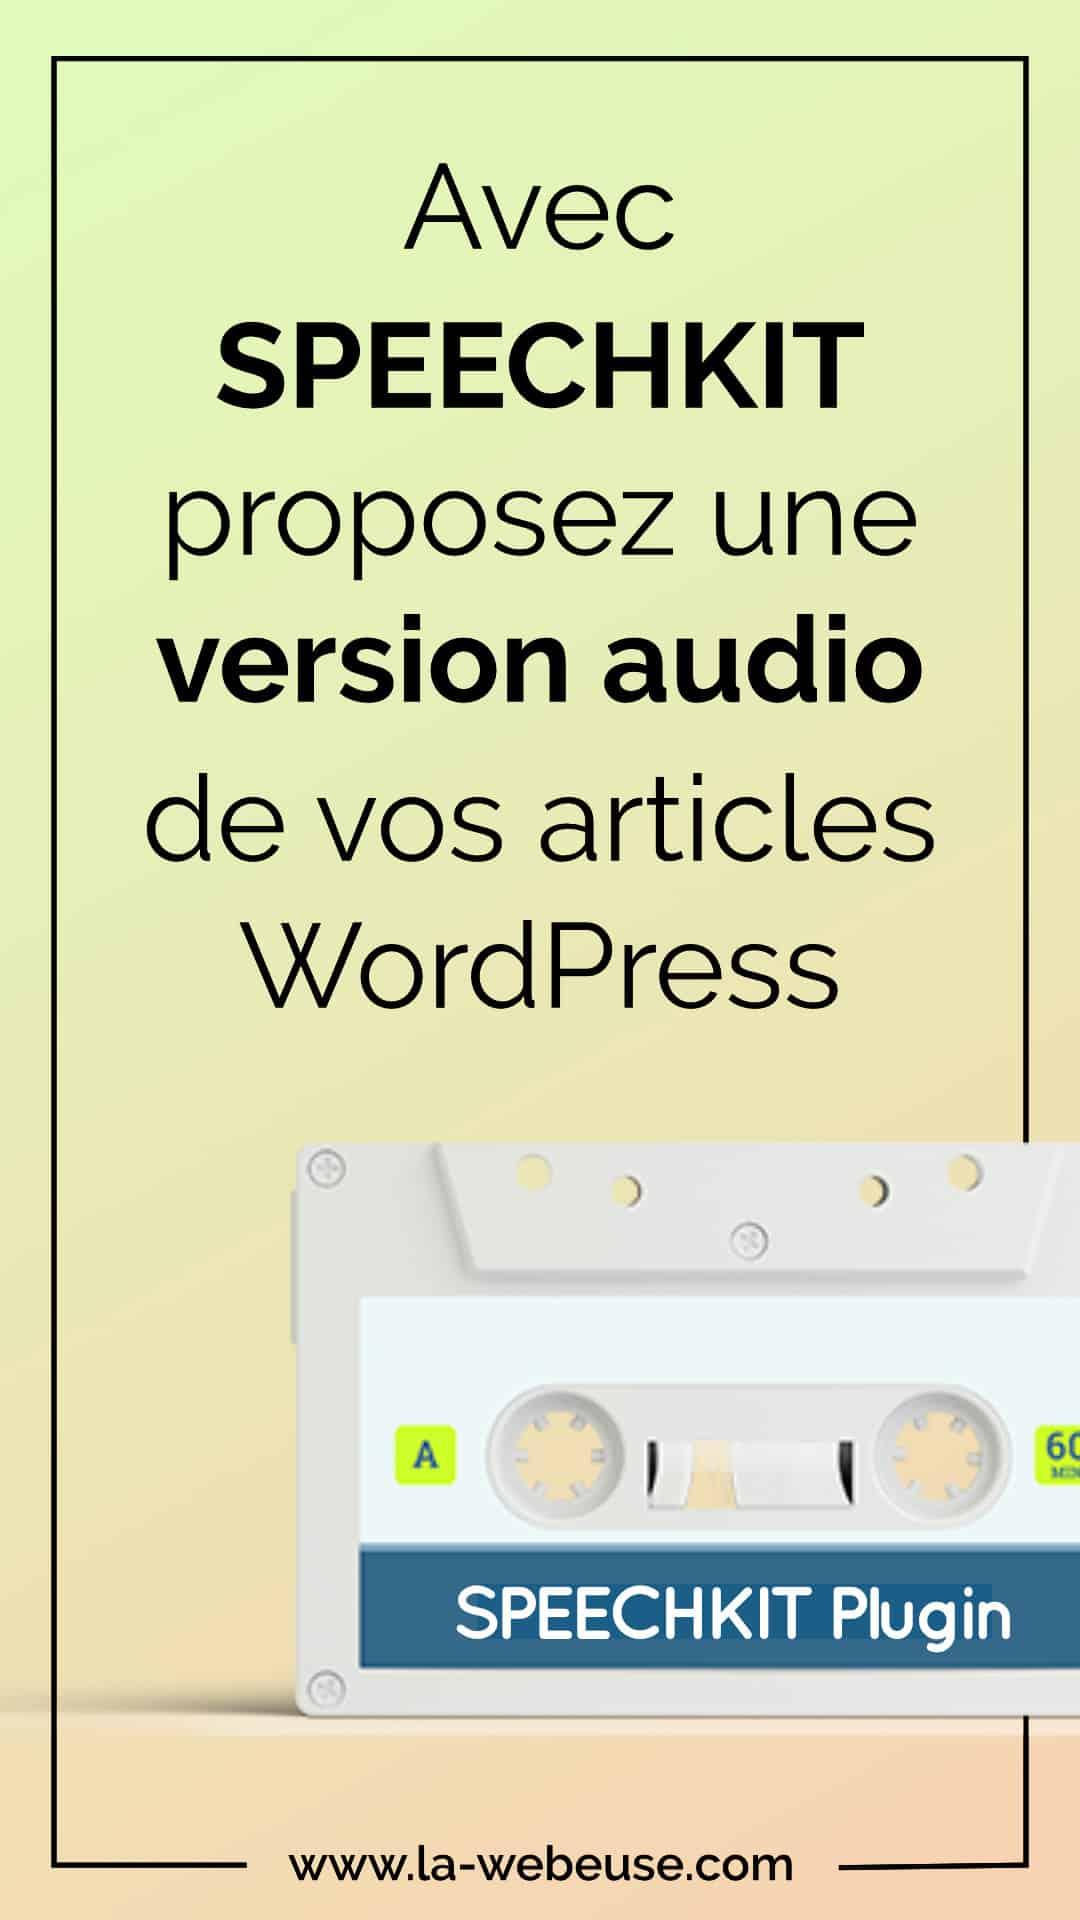 SpeechKit : un plungin gratuit pour convertir vos articles en podcast